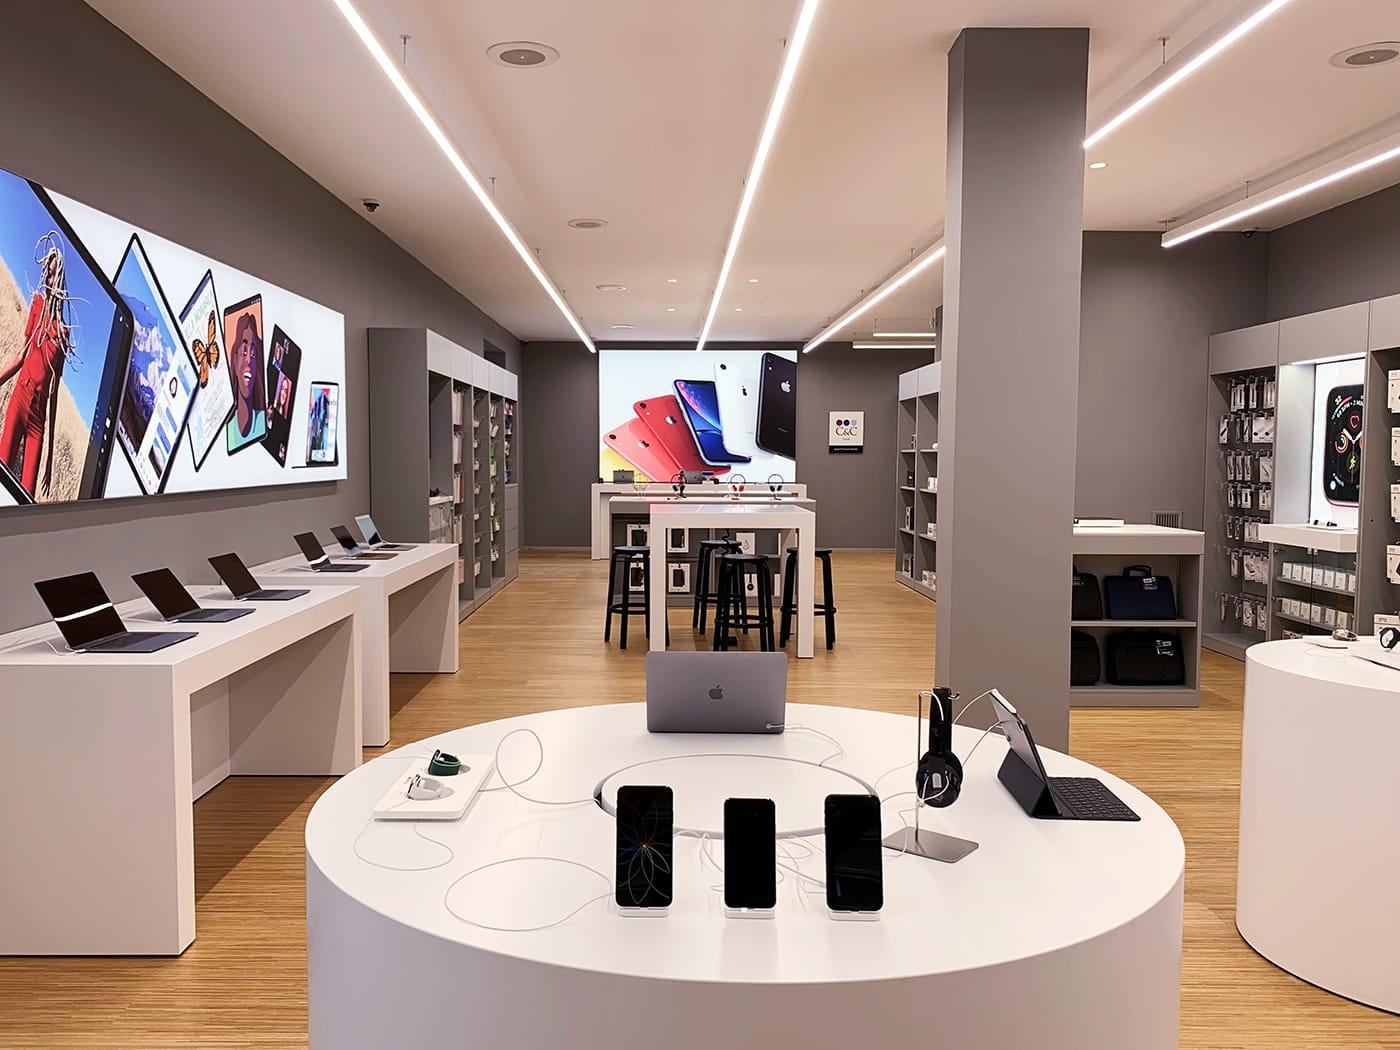 C&C Apple Lecce